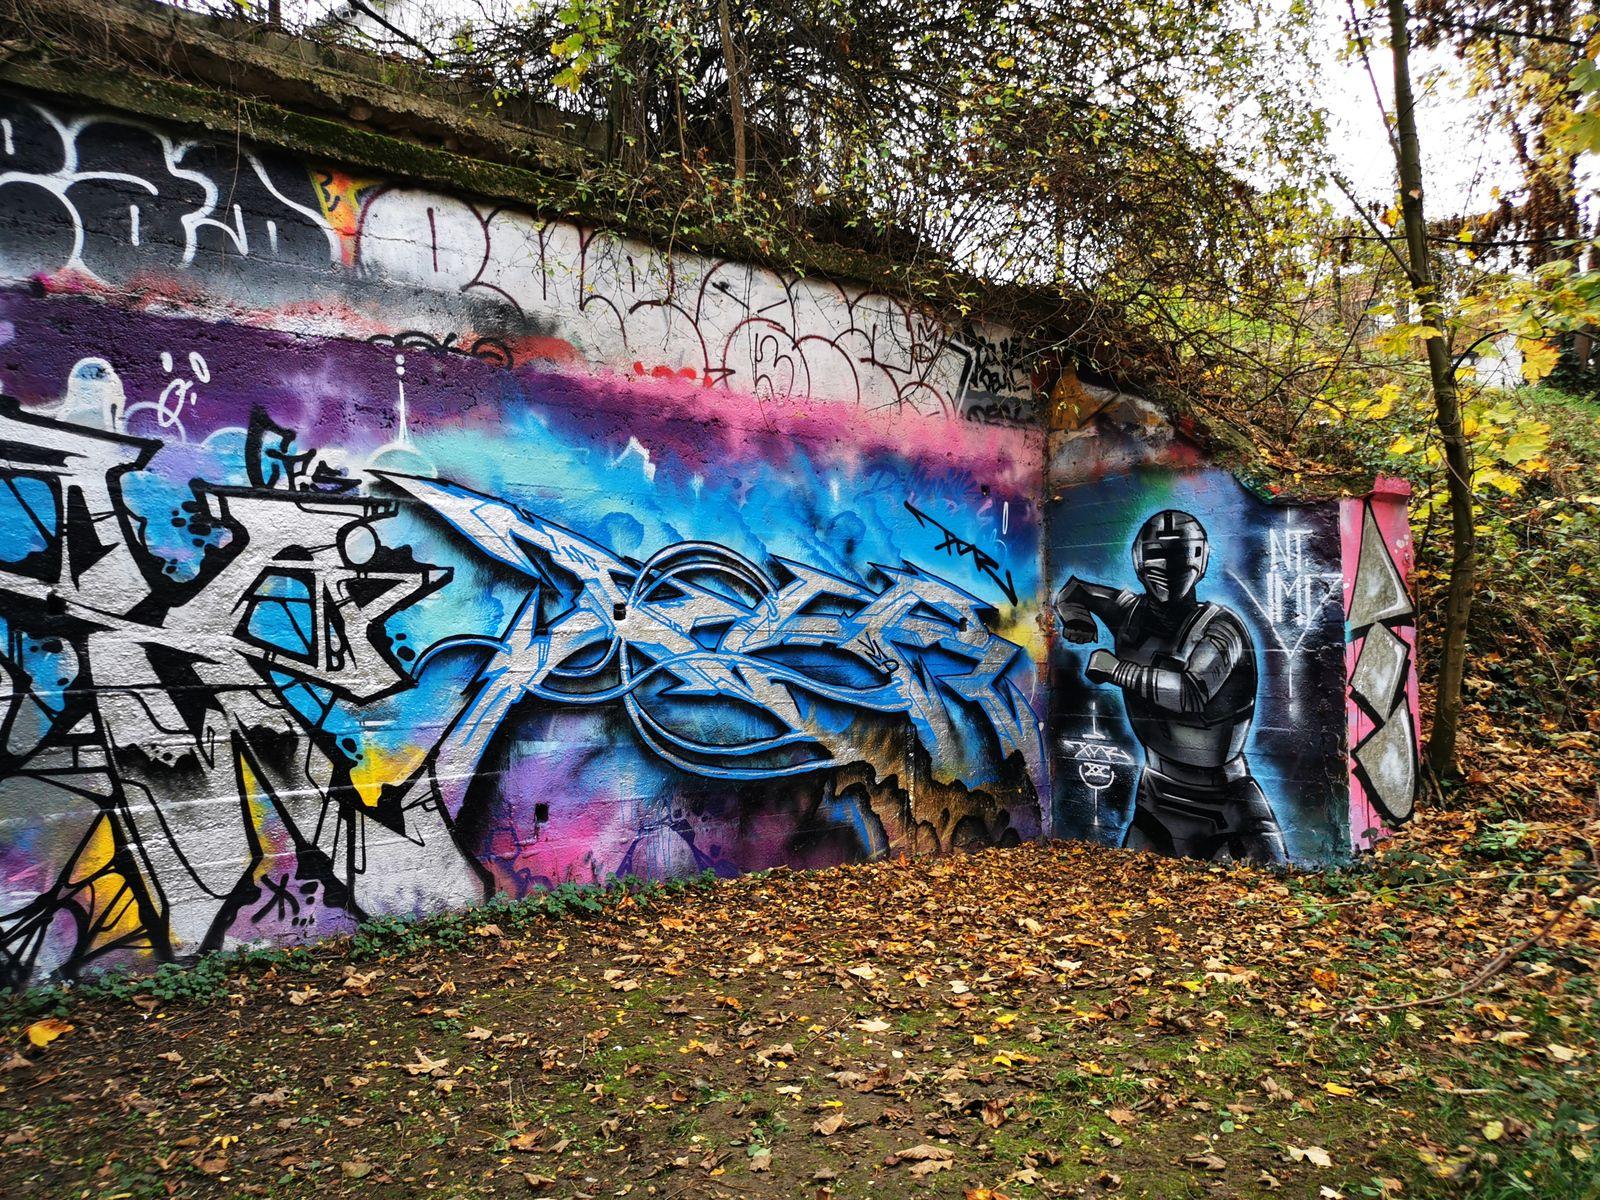 Street art et nature à la coulée verte (Colombes)